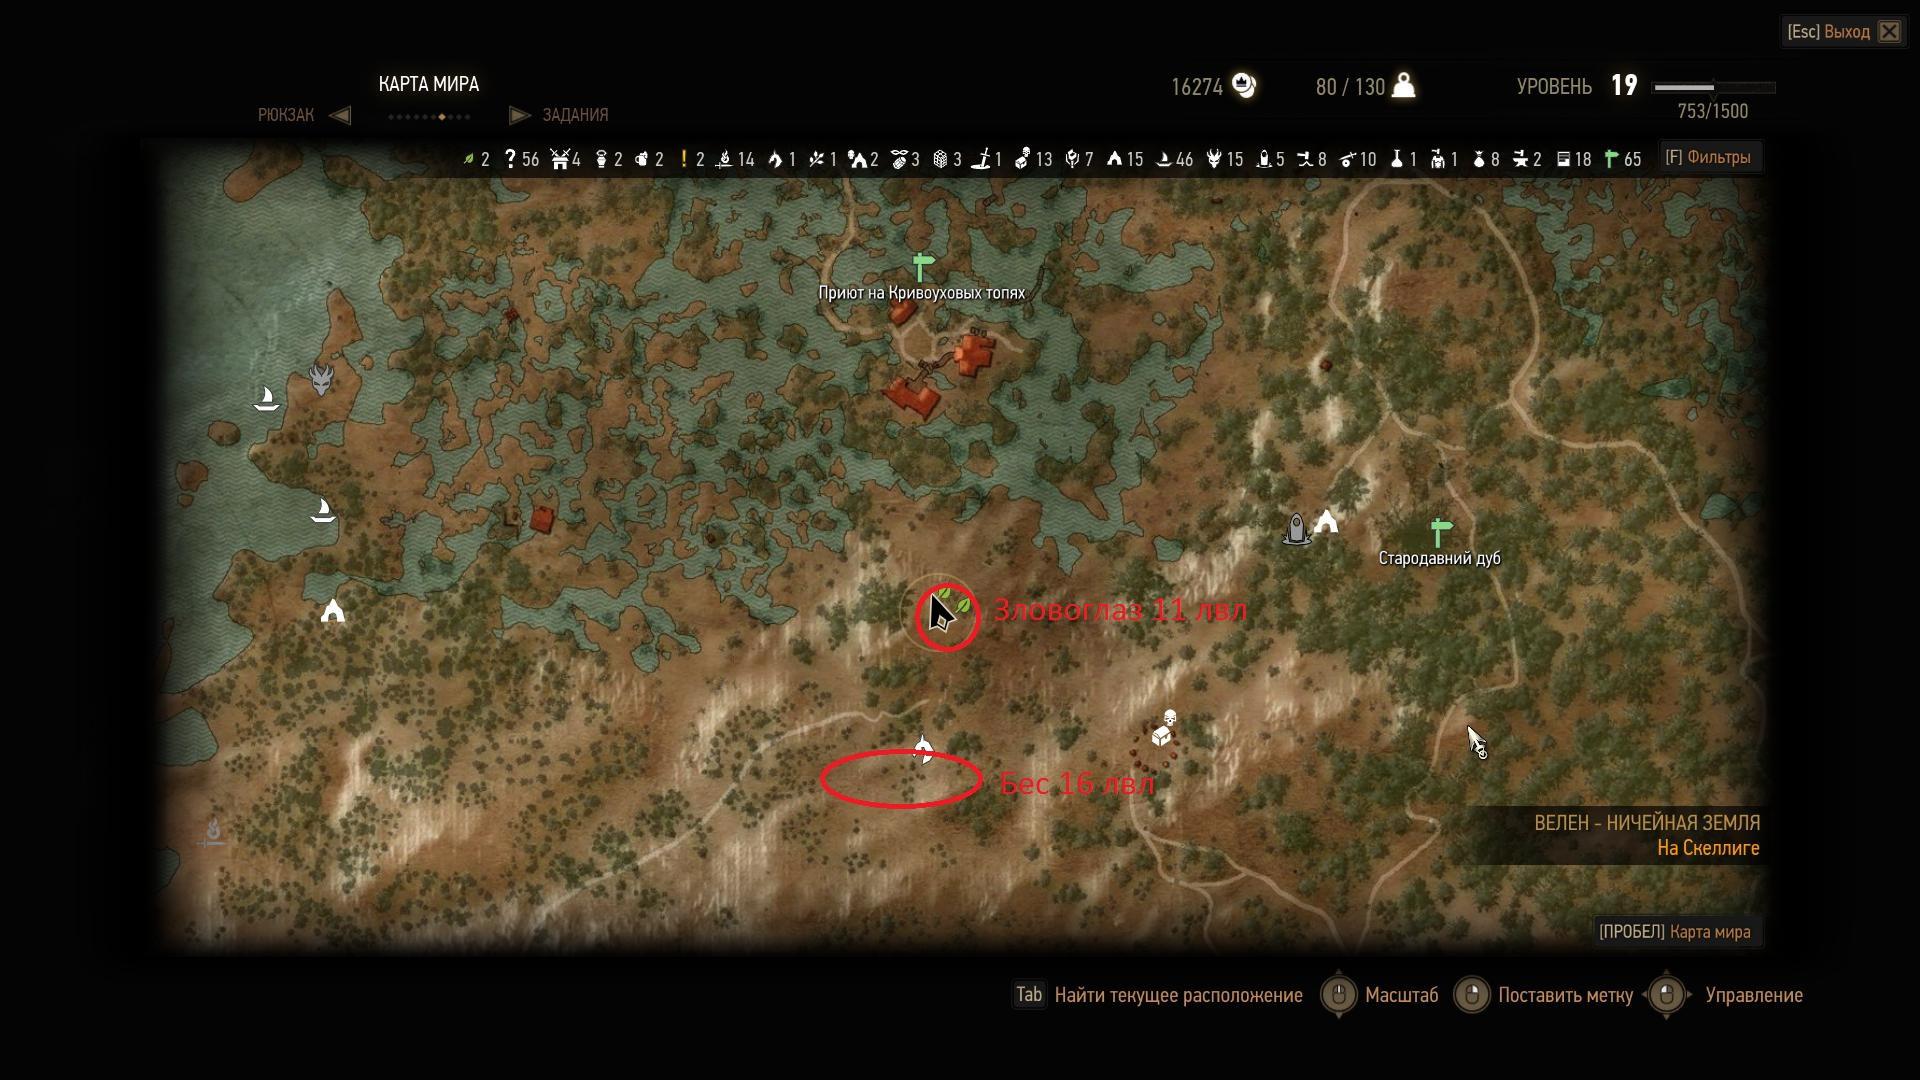 Ведьмак 2 (Witcher 2) - Мутагены и их свойства - Diablo1 ru